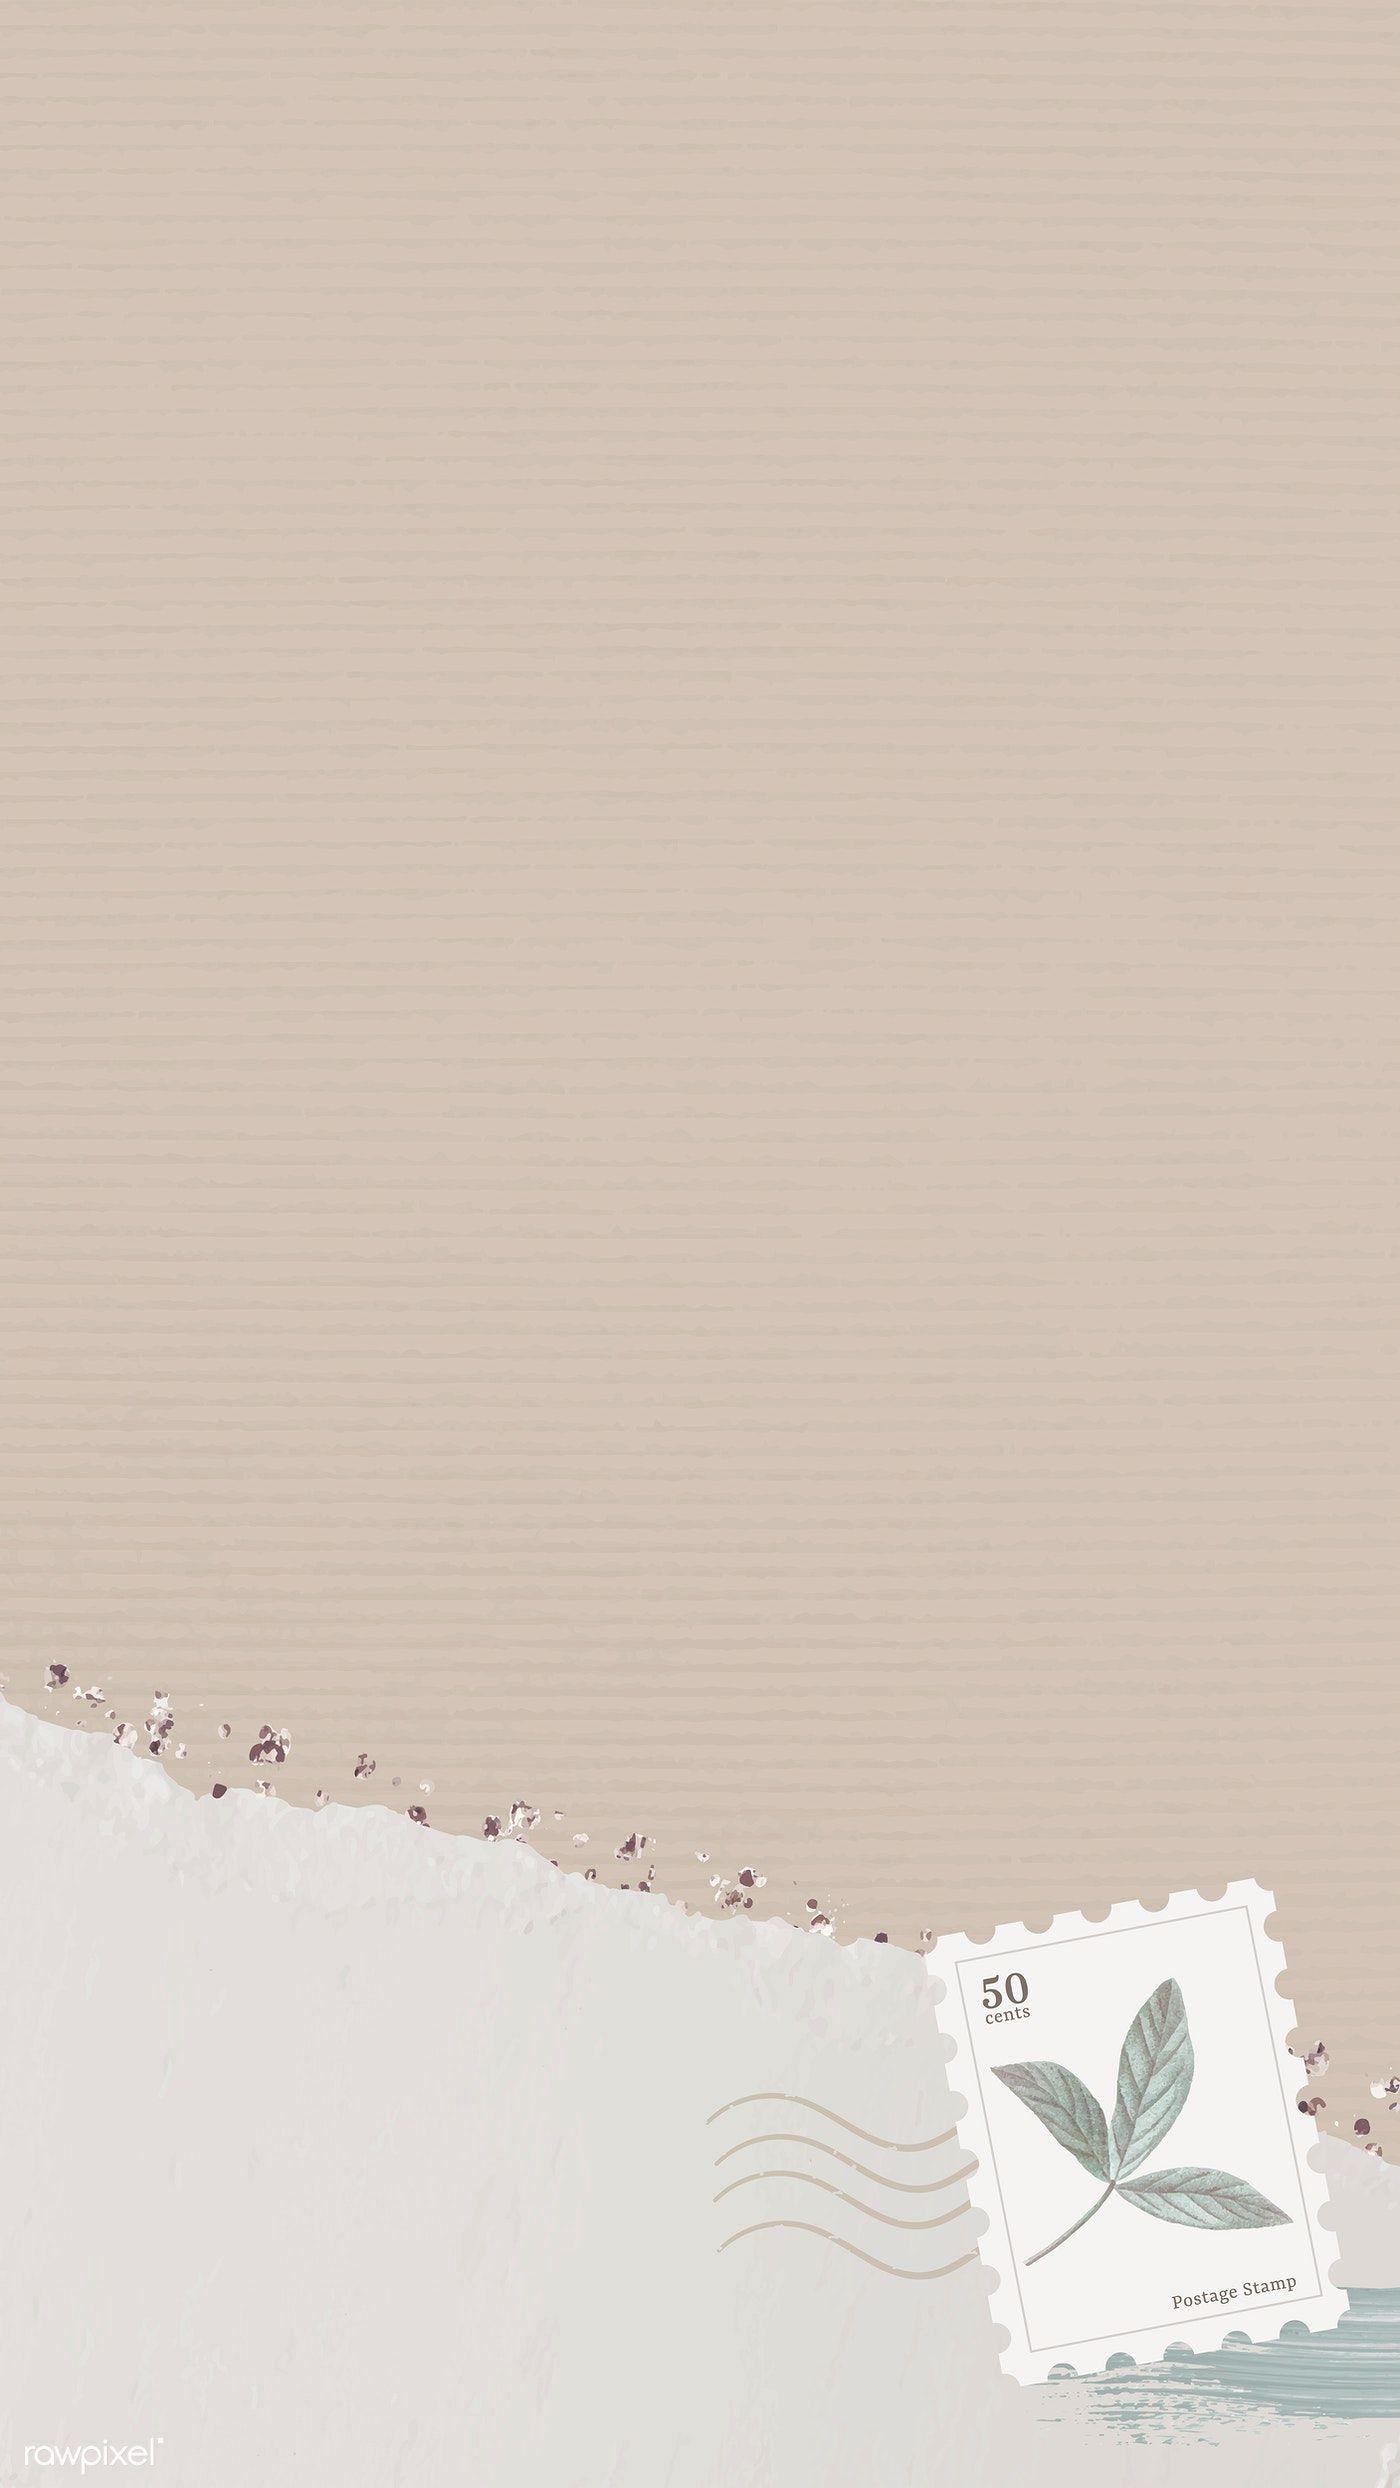 Download premium vector of Beige mobile phone wallpaper